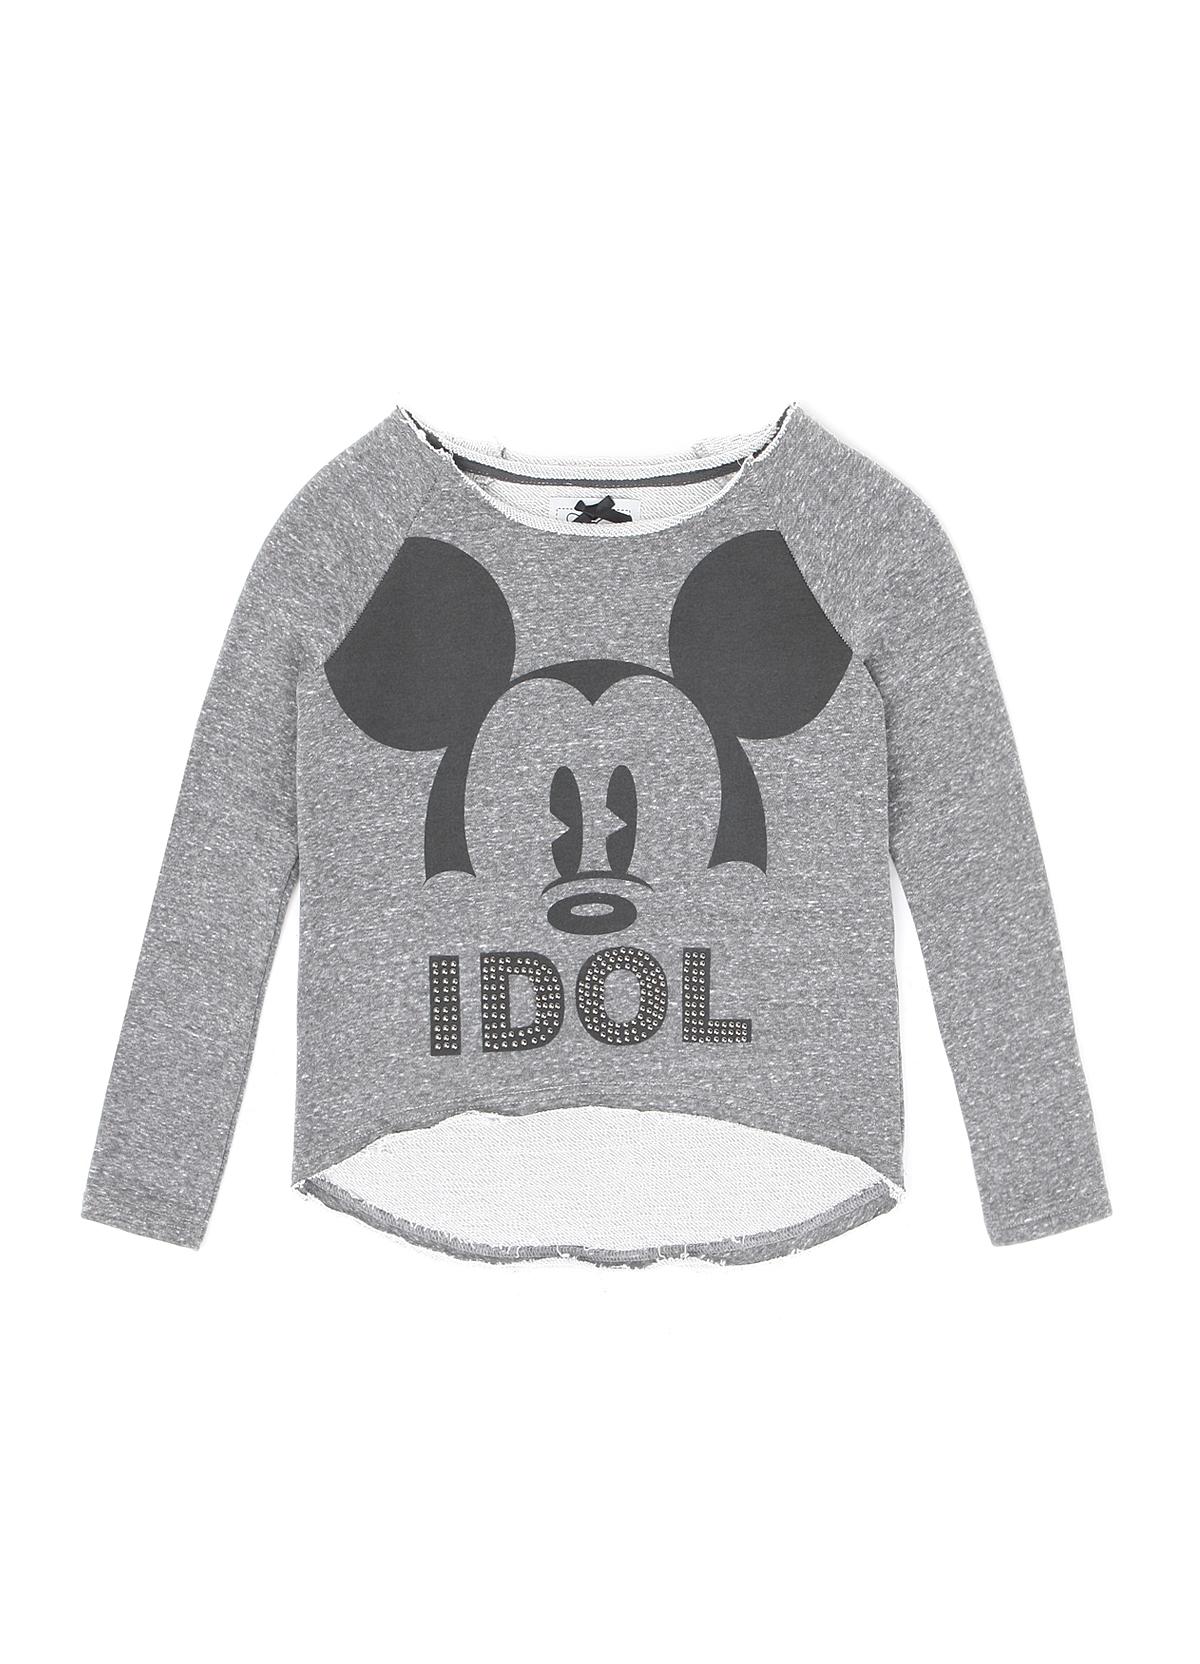 Nuova Collezione di felpe e t-shirt Pinko e Fix Design per Disney. 1 Aprile  2015. Facebook · Twitter · Google+ · Pinterest · WhatsApp. Per ... 1851649c430